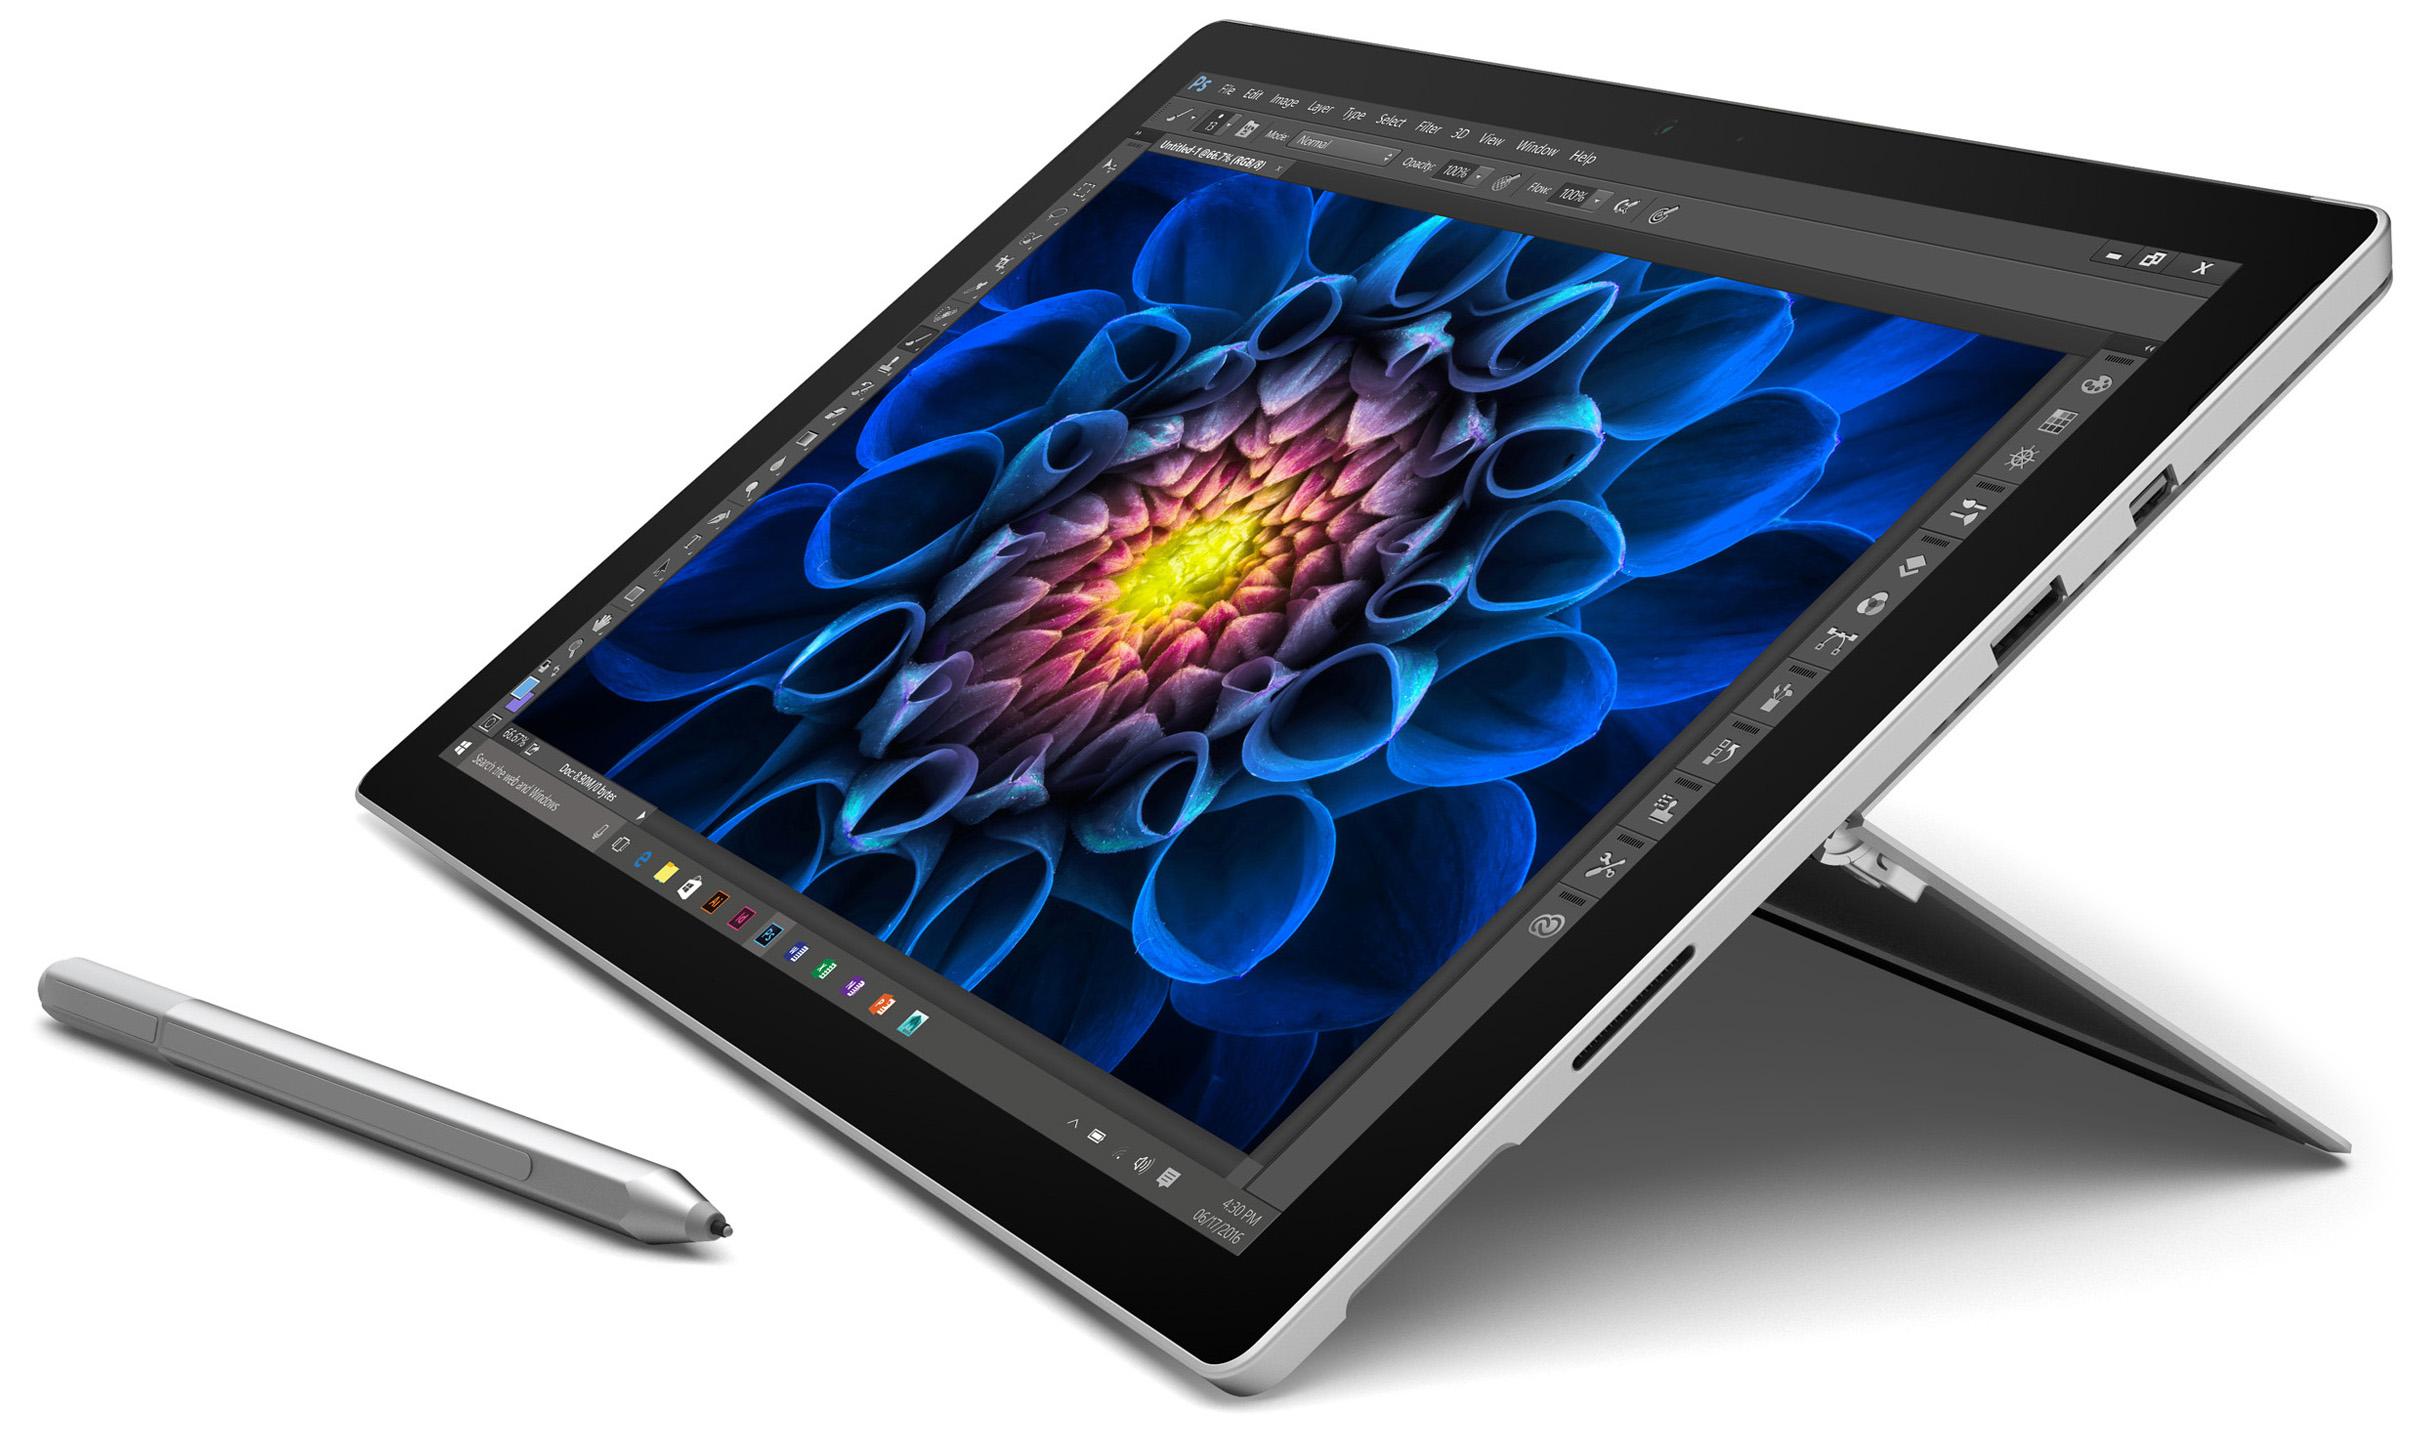 Microsoft Surface Pro 4 - 128GB / Intel Core i5